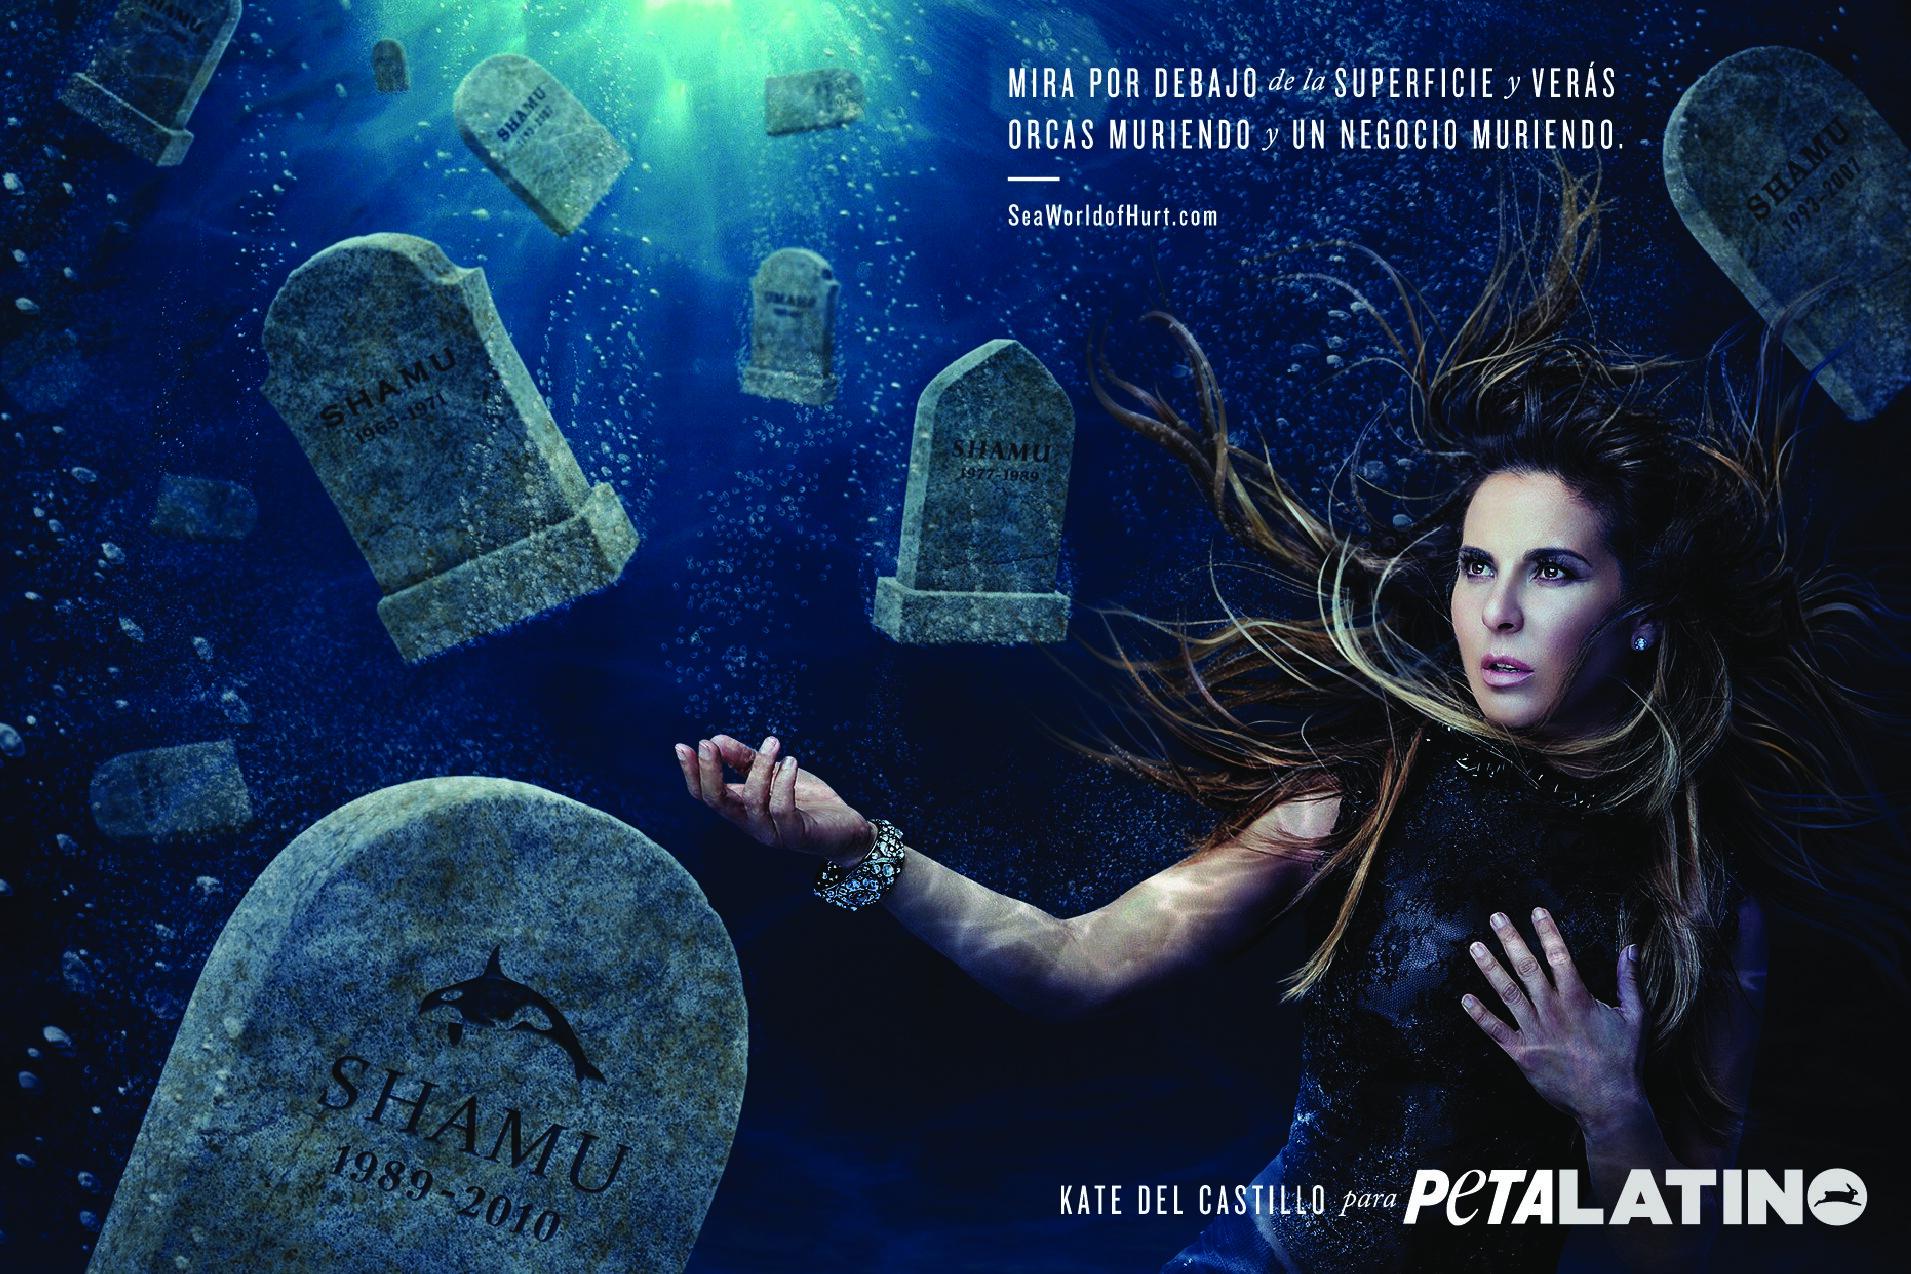 Kate del Castillo: Mira por debajo de la superficie